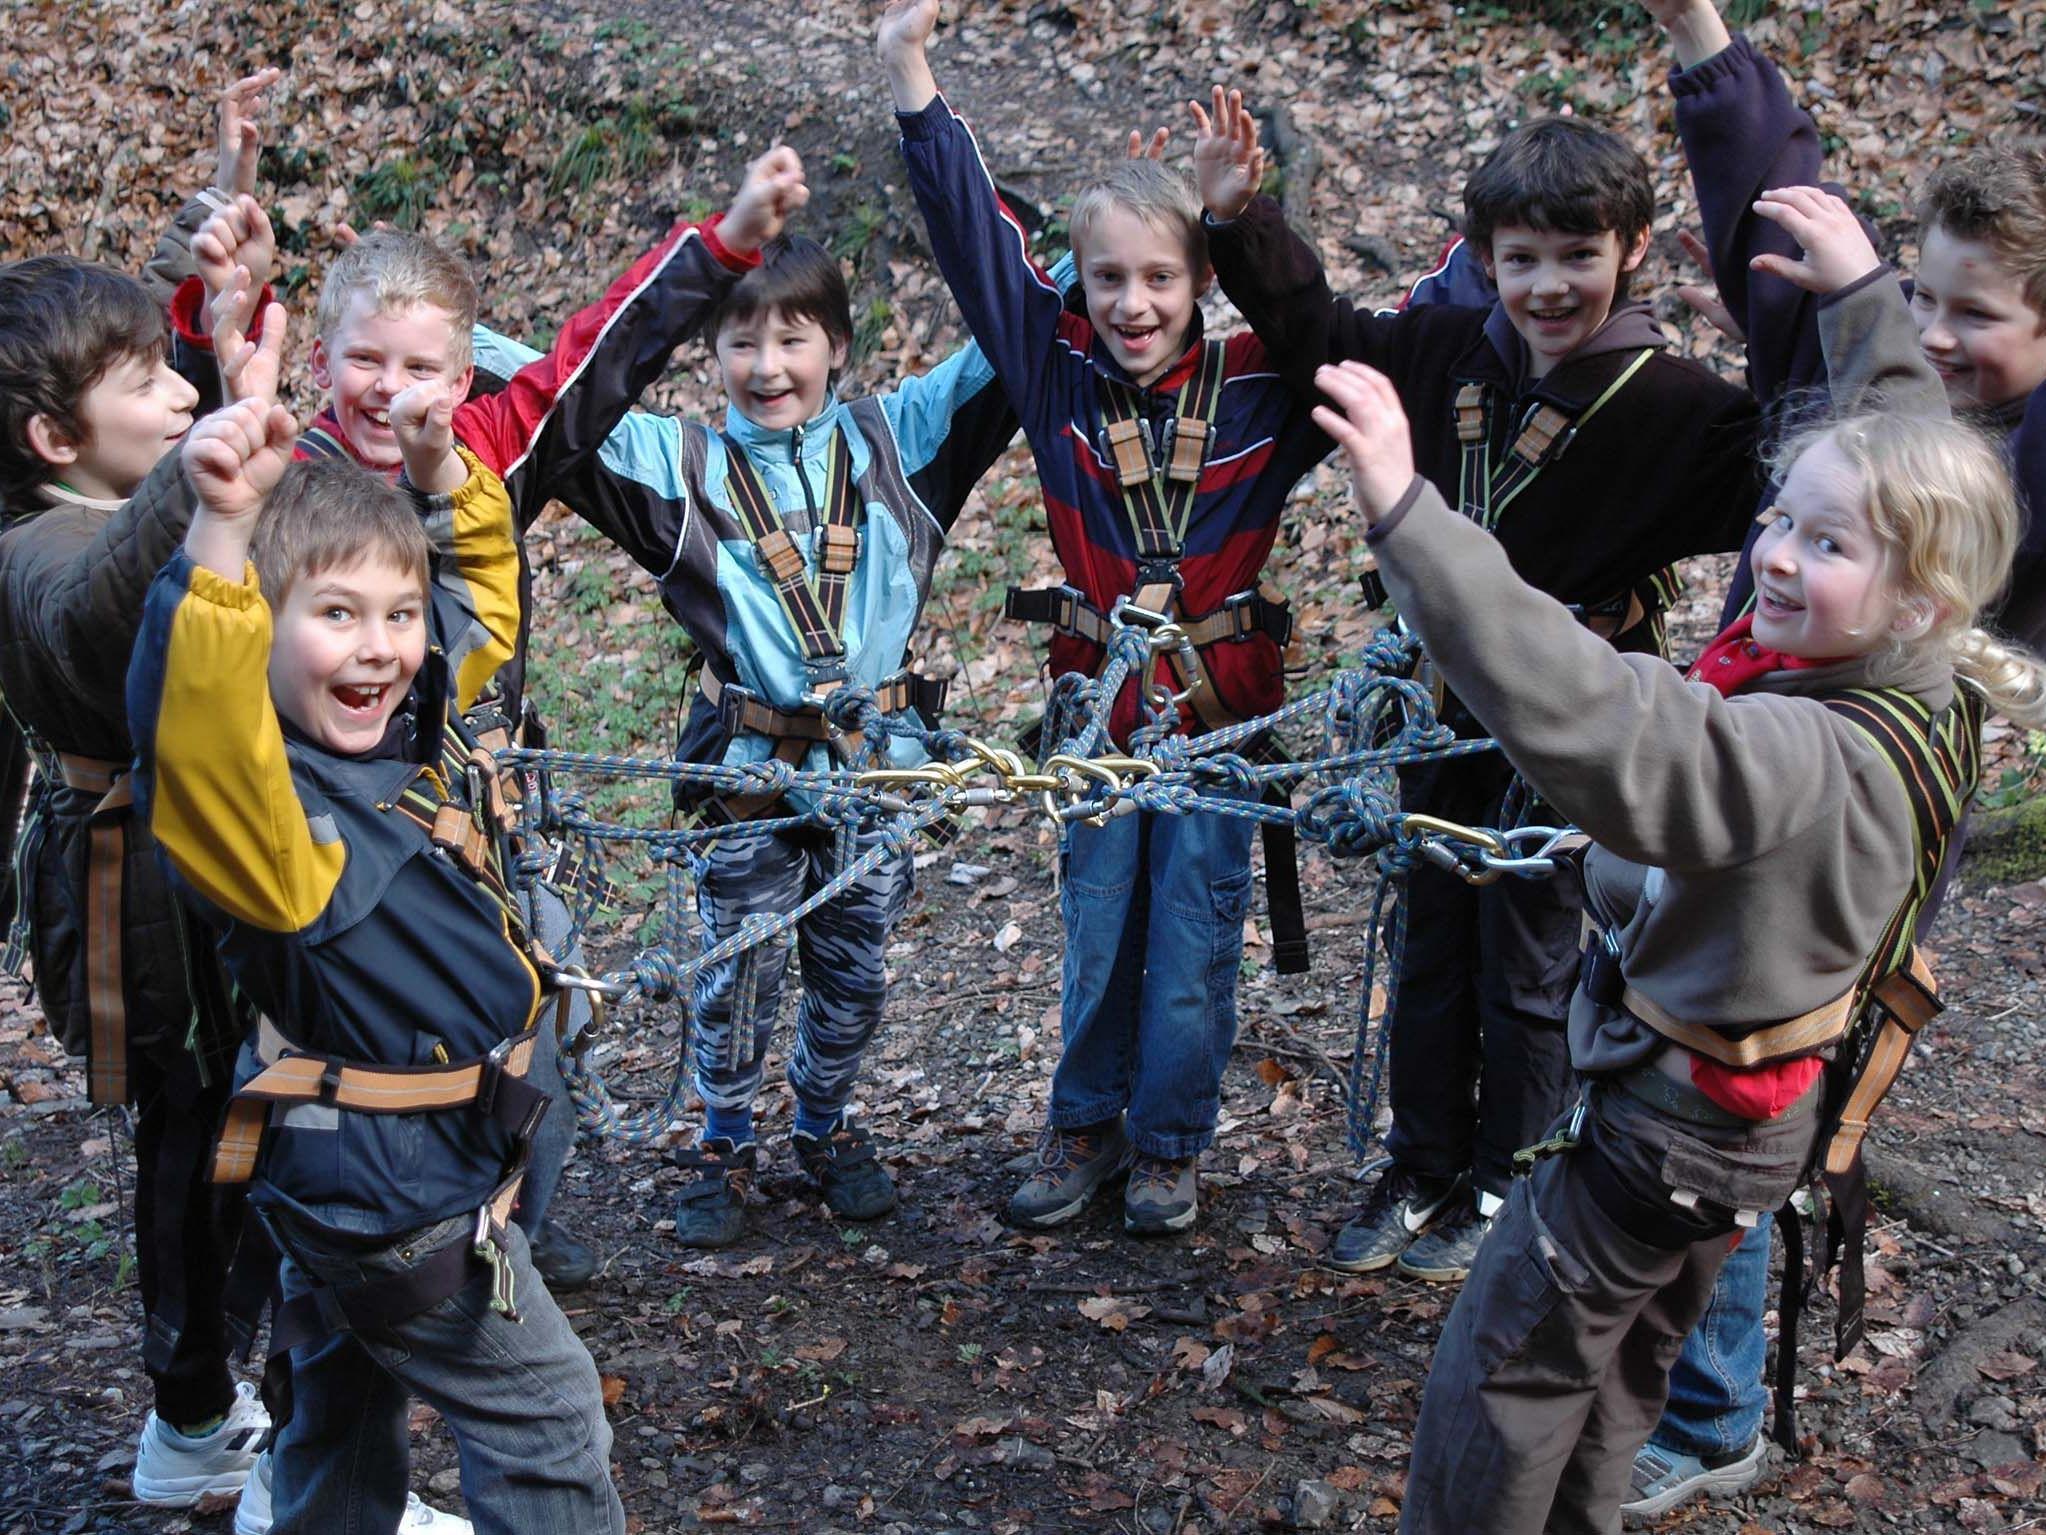 Gemeinsamkeit, Zusammenarbeit und Geschicklichkeit werden im Camp gelebt und erlebt.